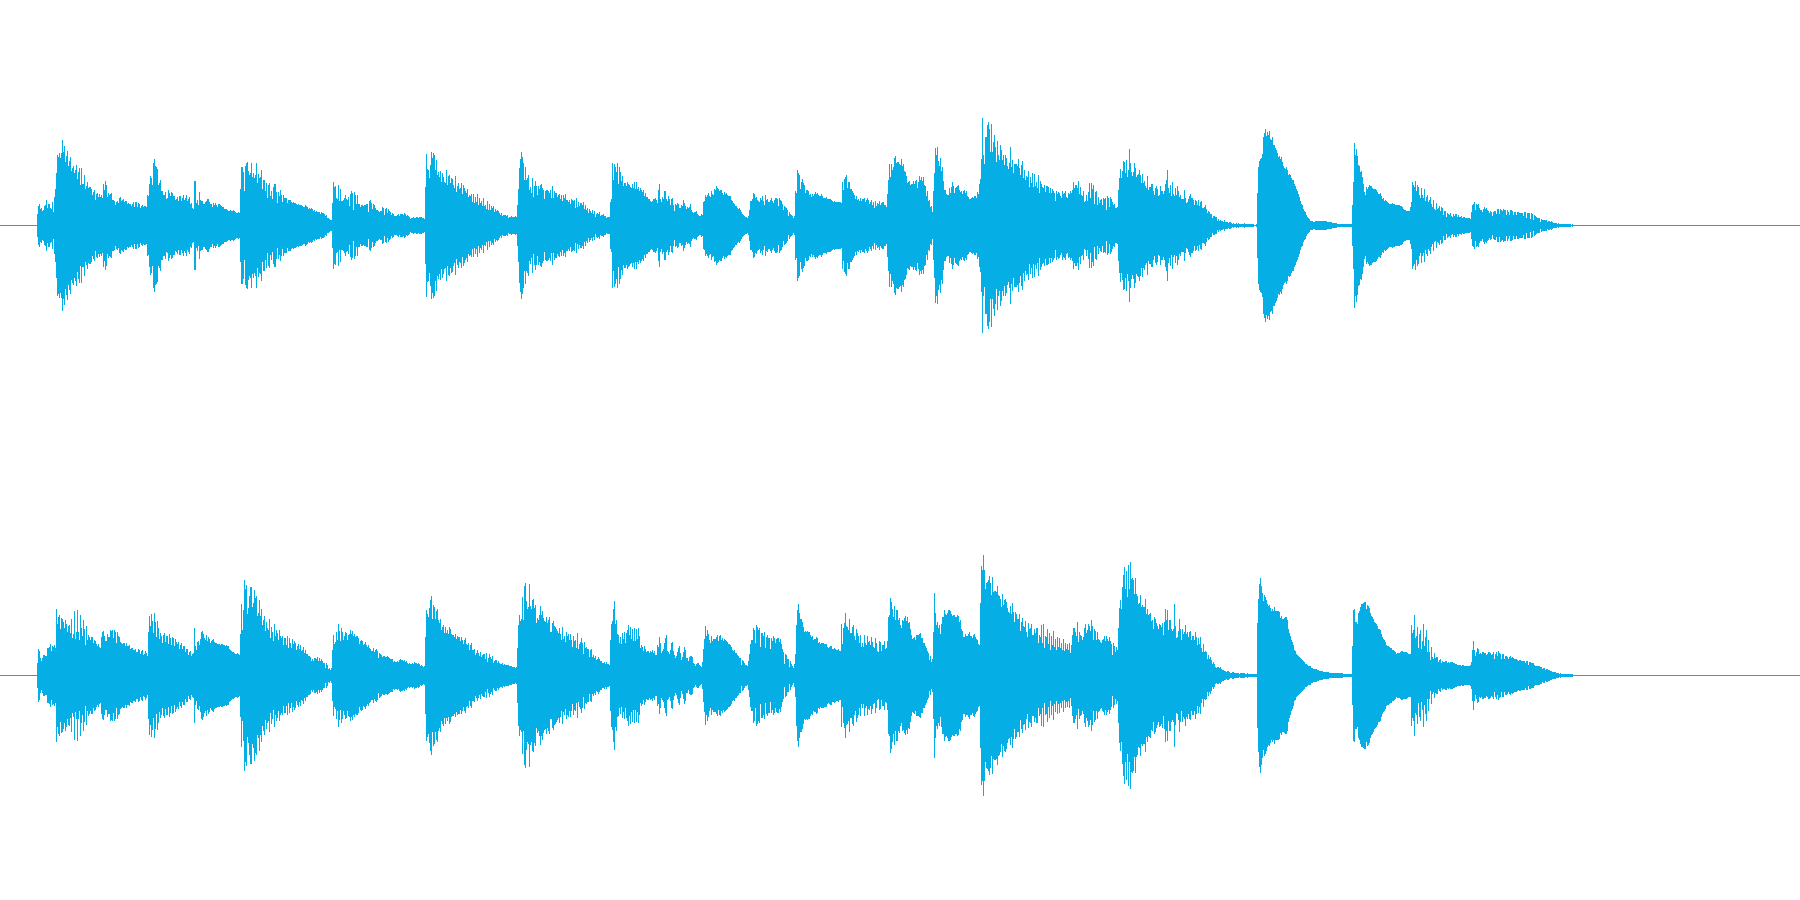 メヌエット風ピアノソロの再生済みの波形